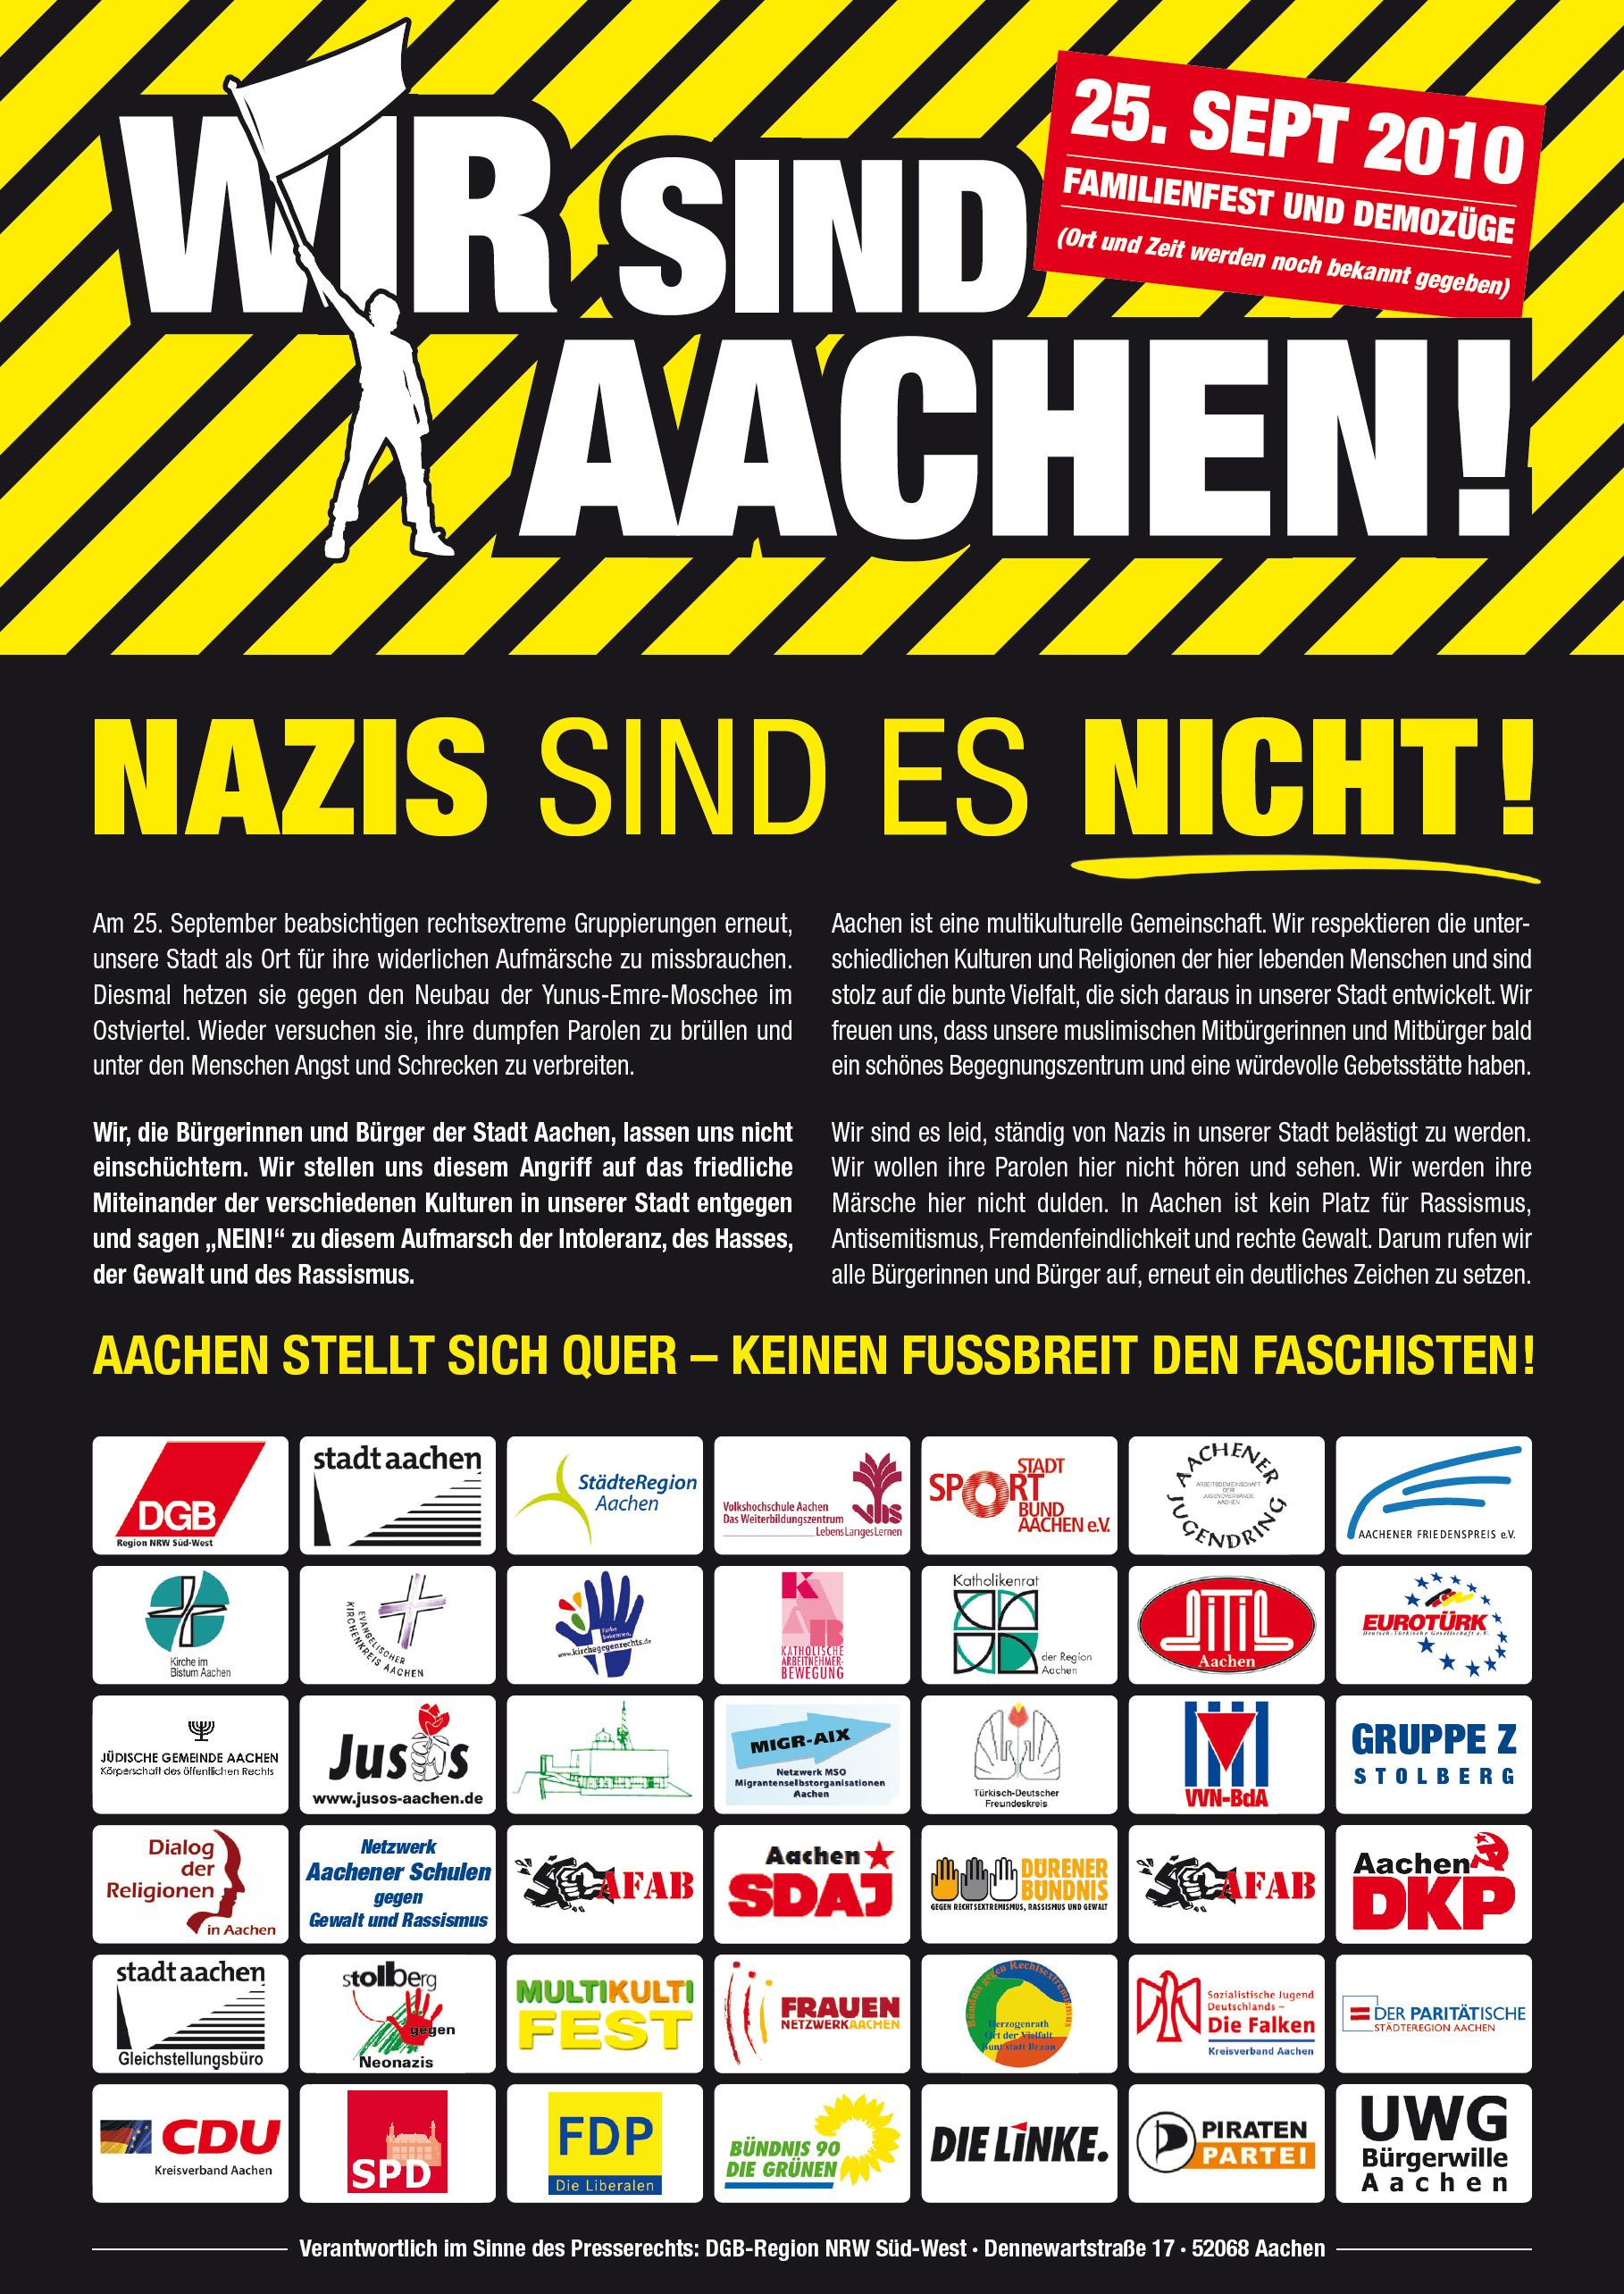 Wir sind Aachen, Nazis sind es nicht!